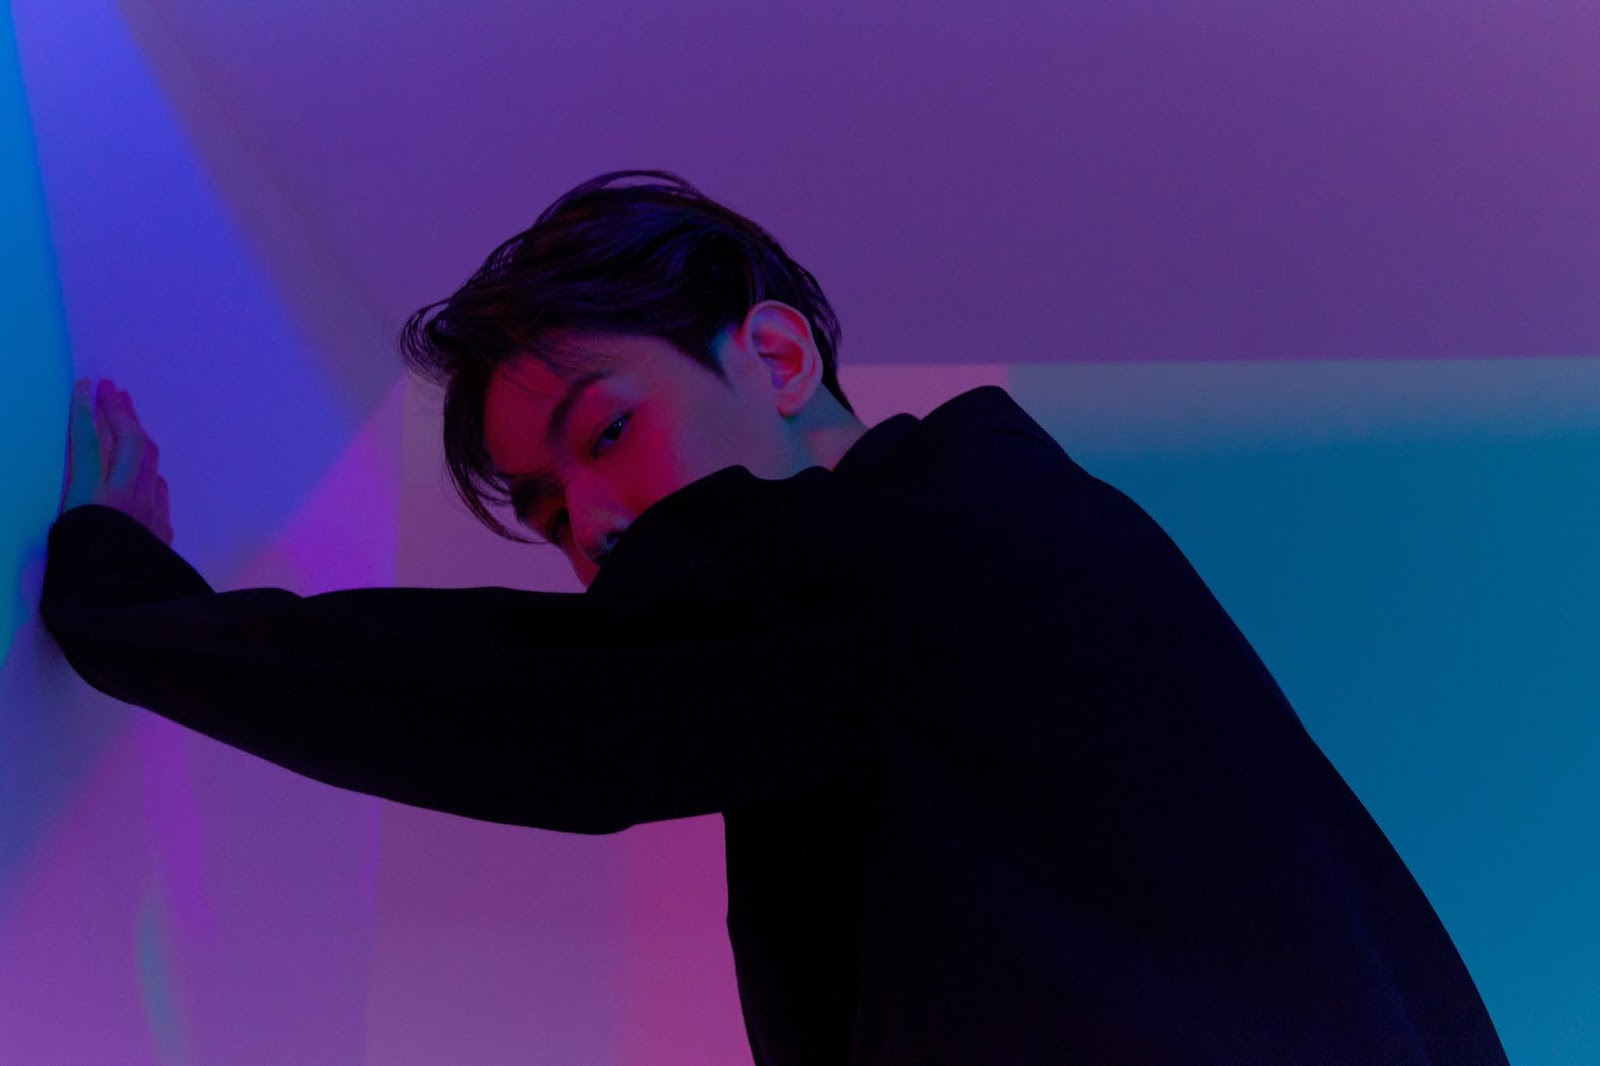 Baekhyun Exo Delight Album Photos Collection Waofam Teasers